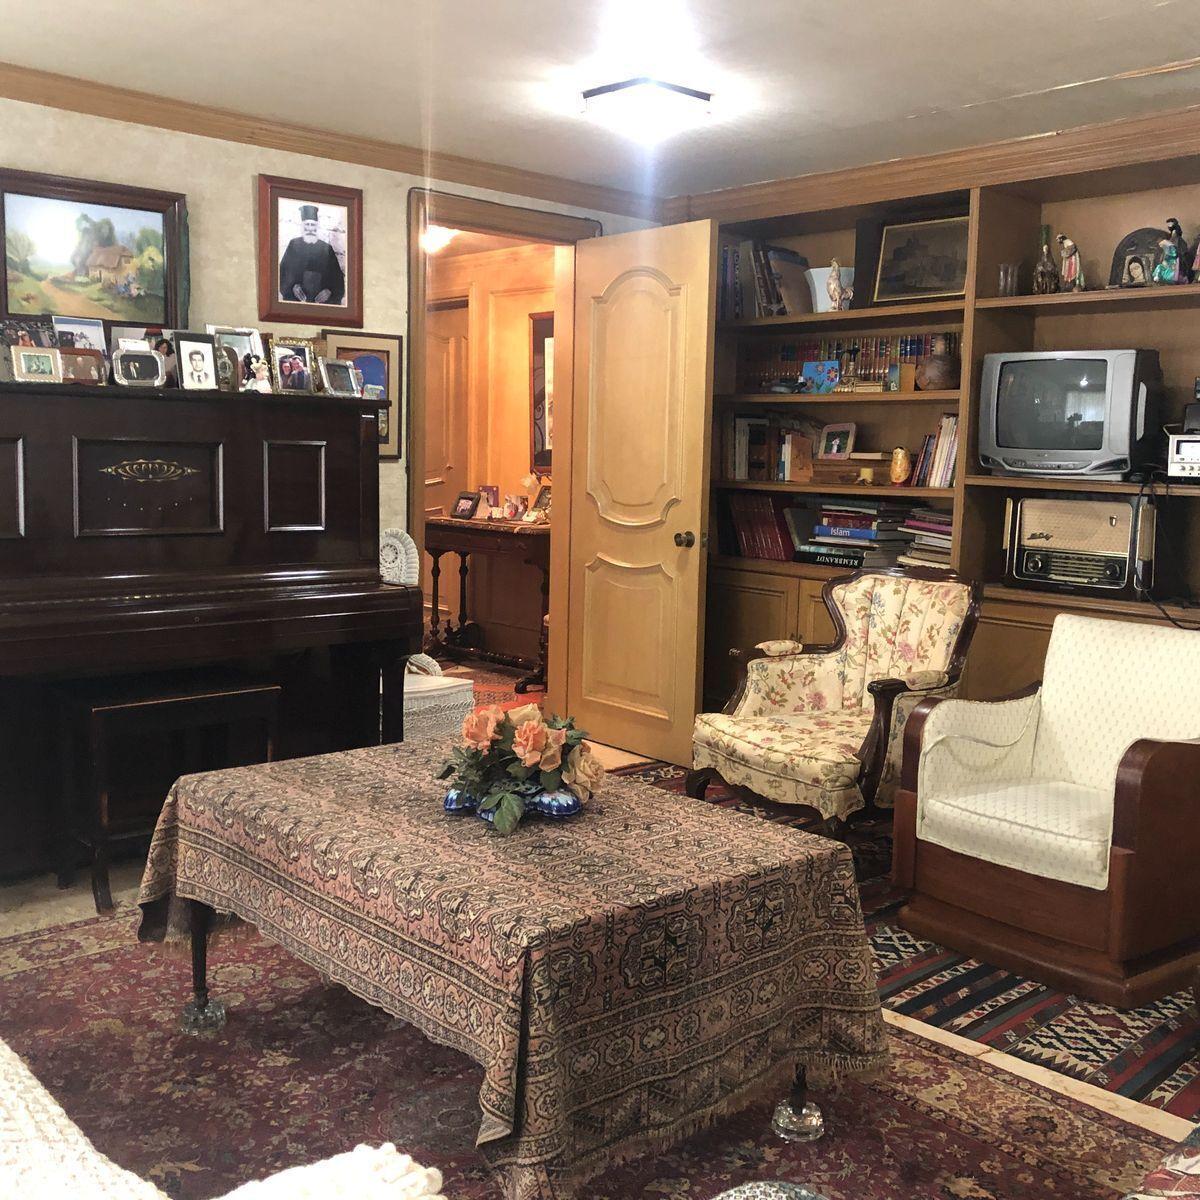 9 de 36: Biblioteca ó family room ó recámara de visitas. (A)